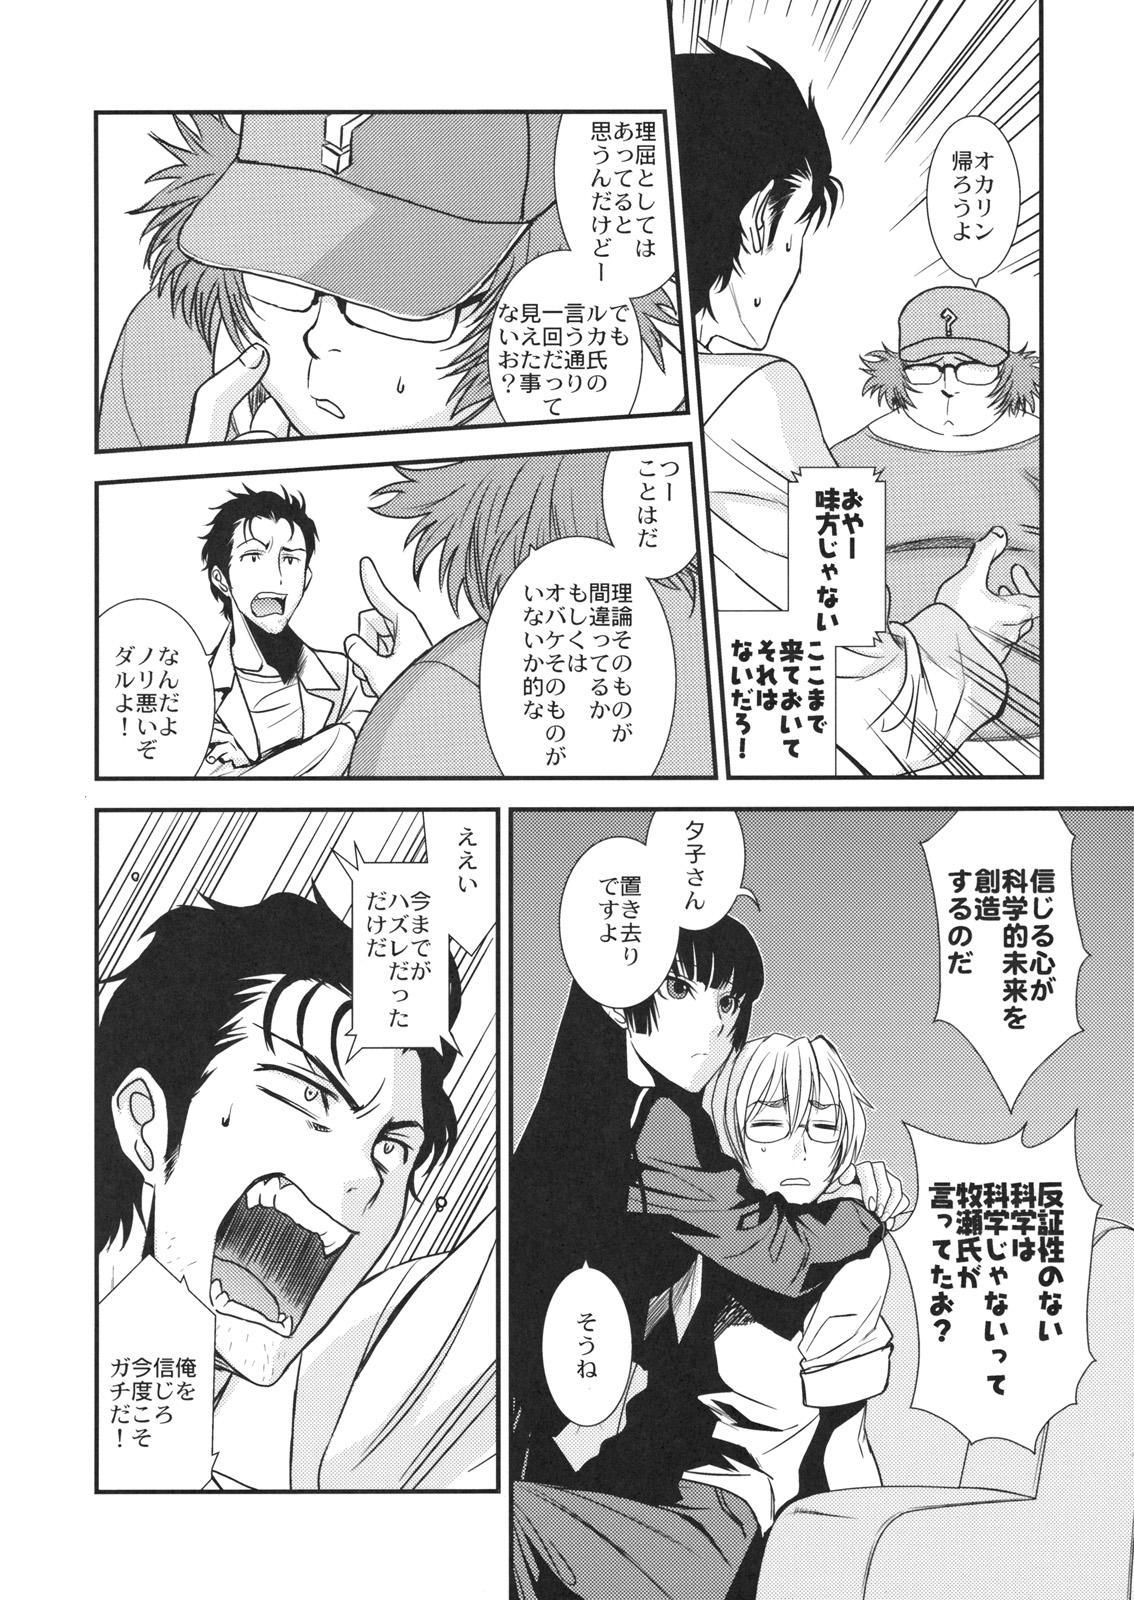 Hontou ni Atta Kowai Hanashi 6